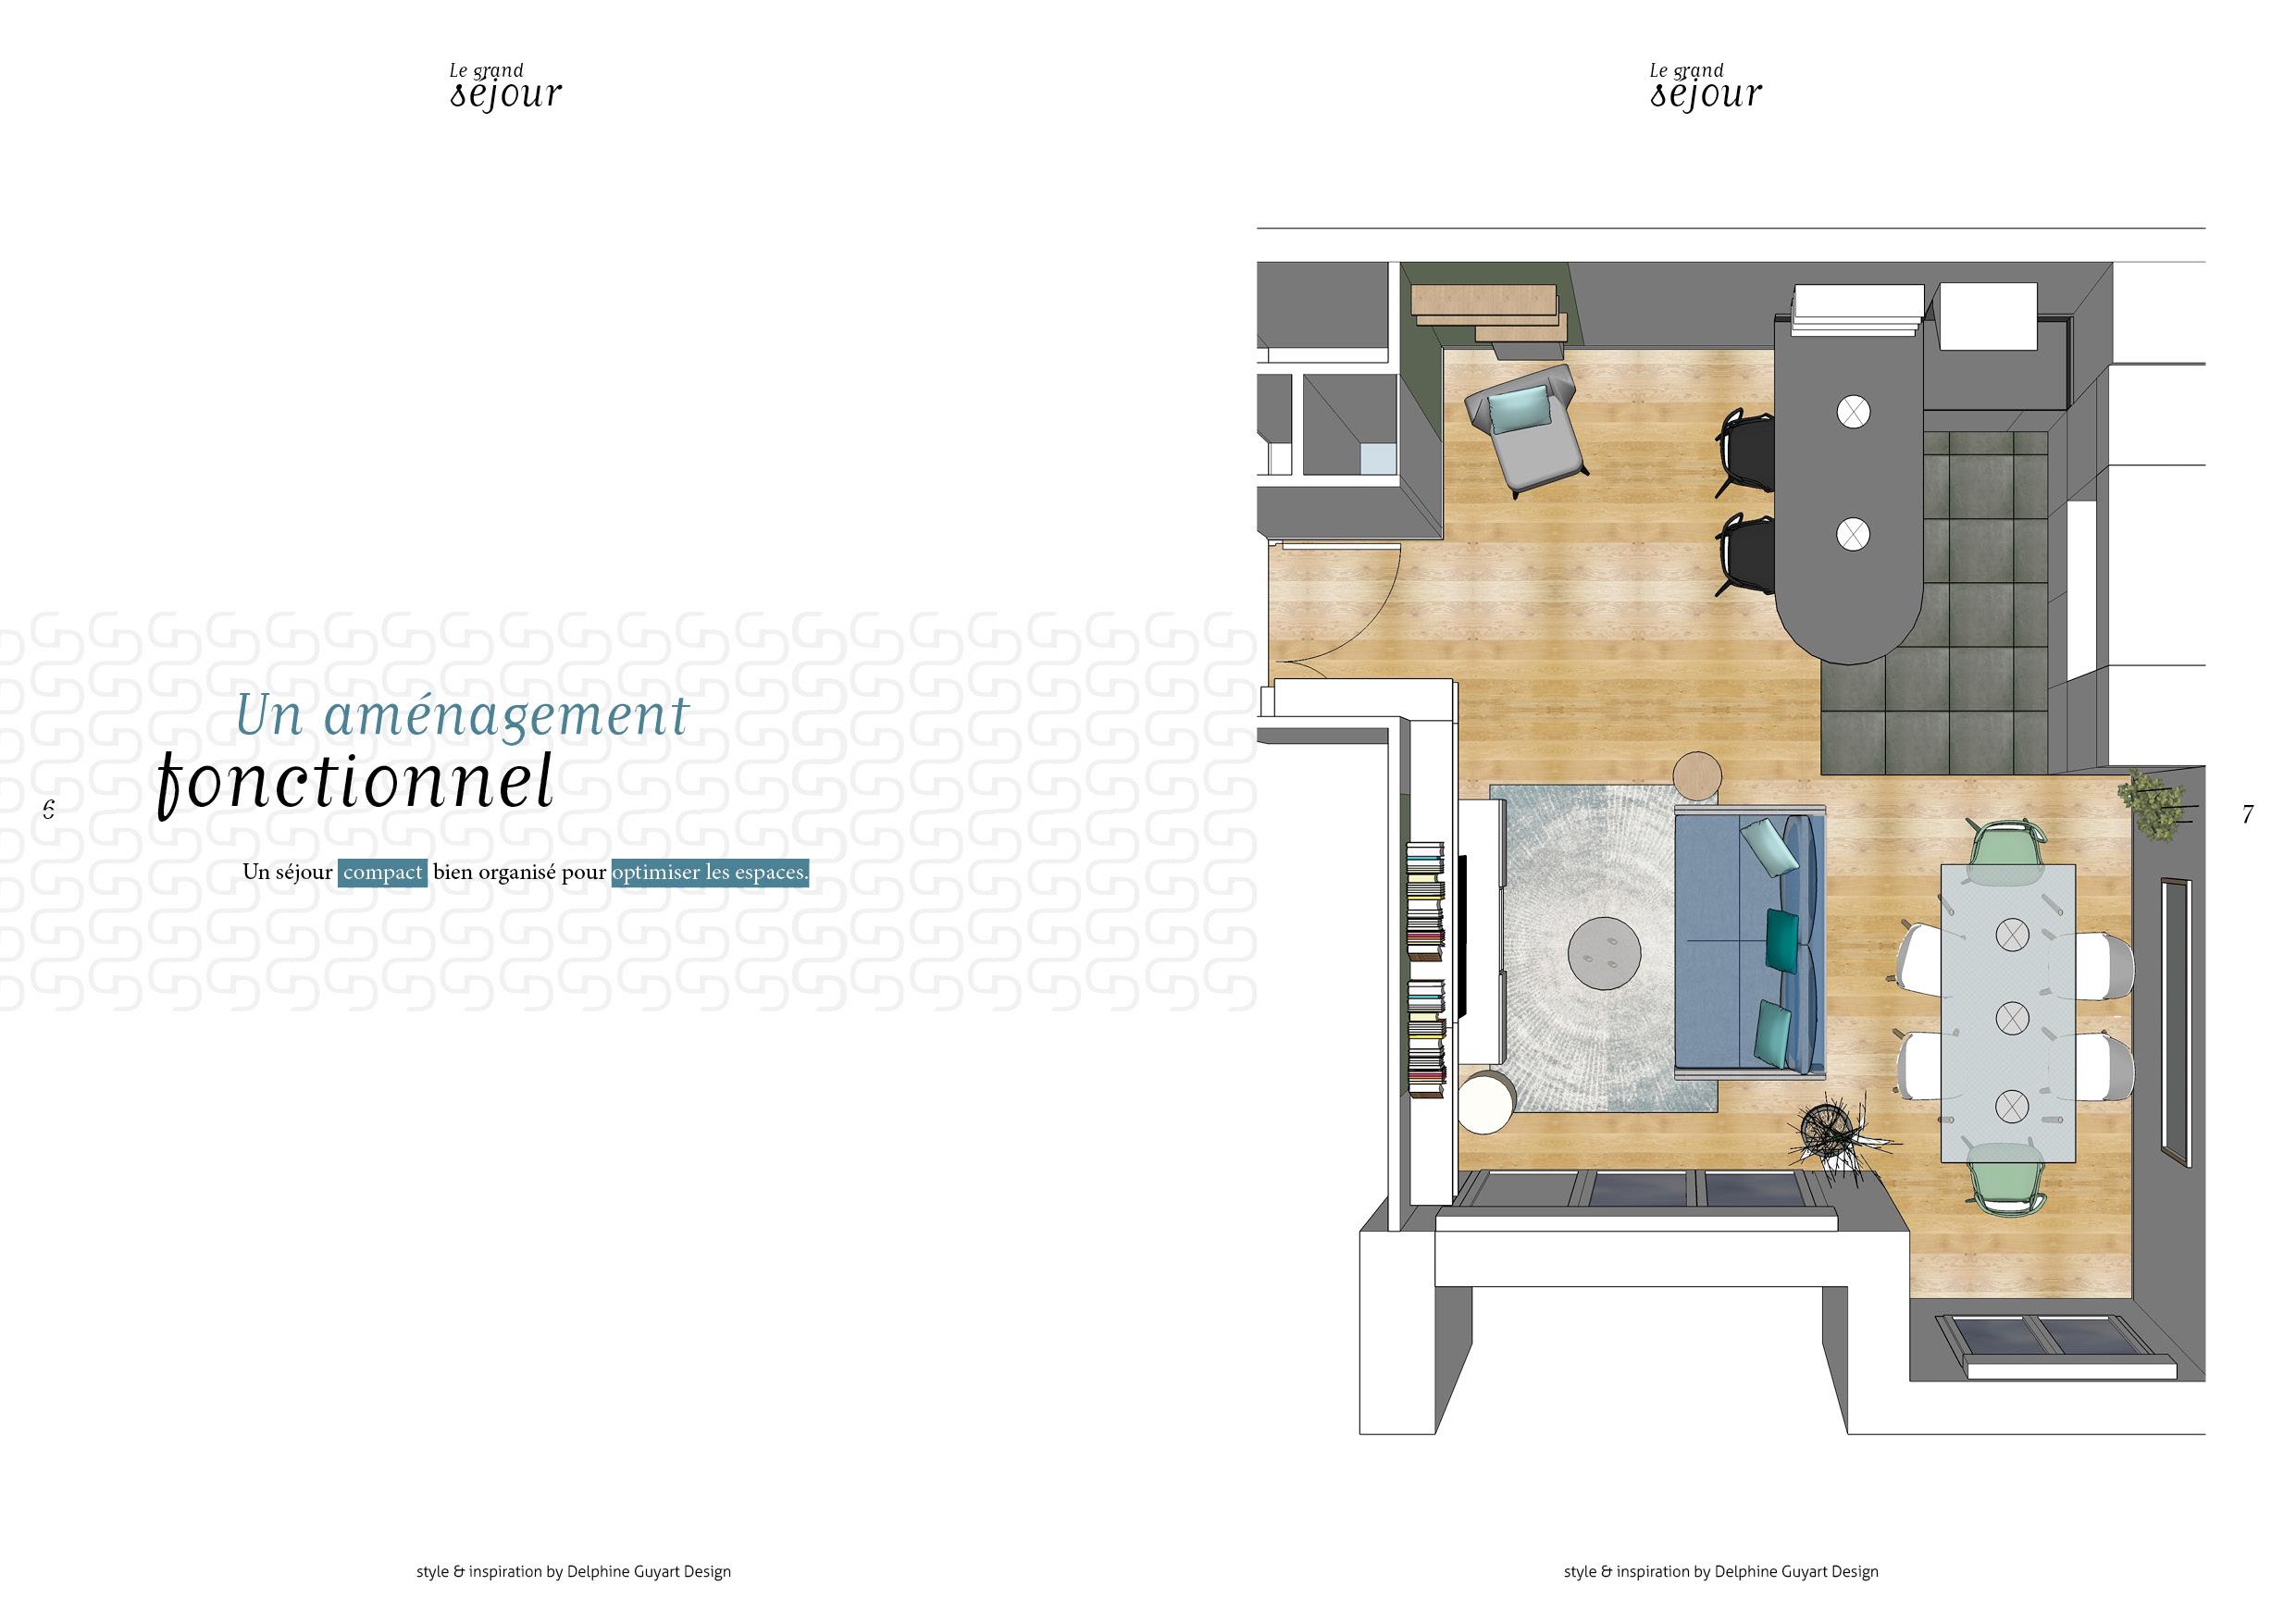 plan-3D-sejour-©-delphineguyartdesign